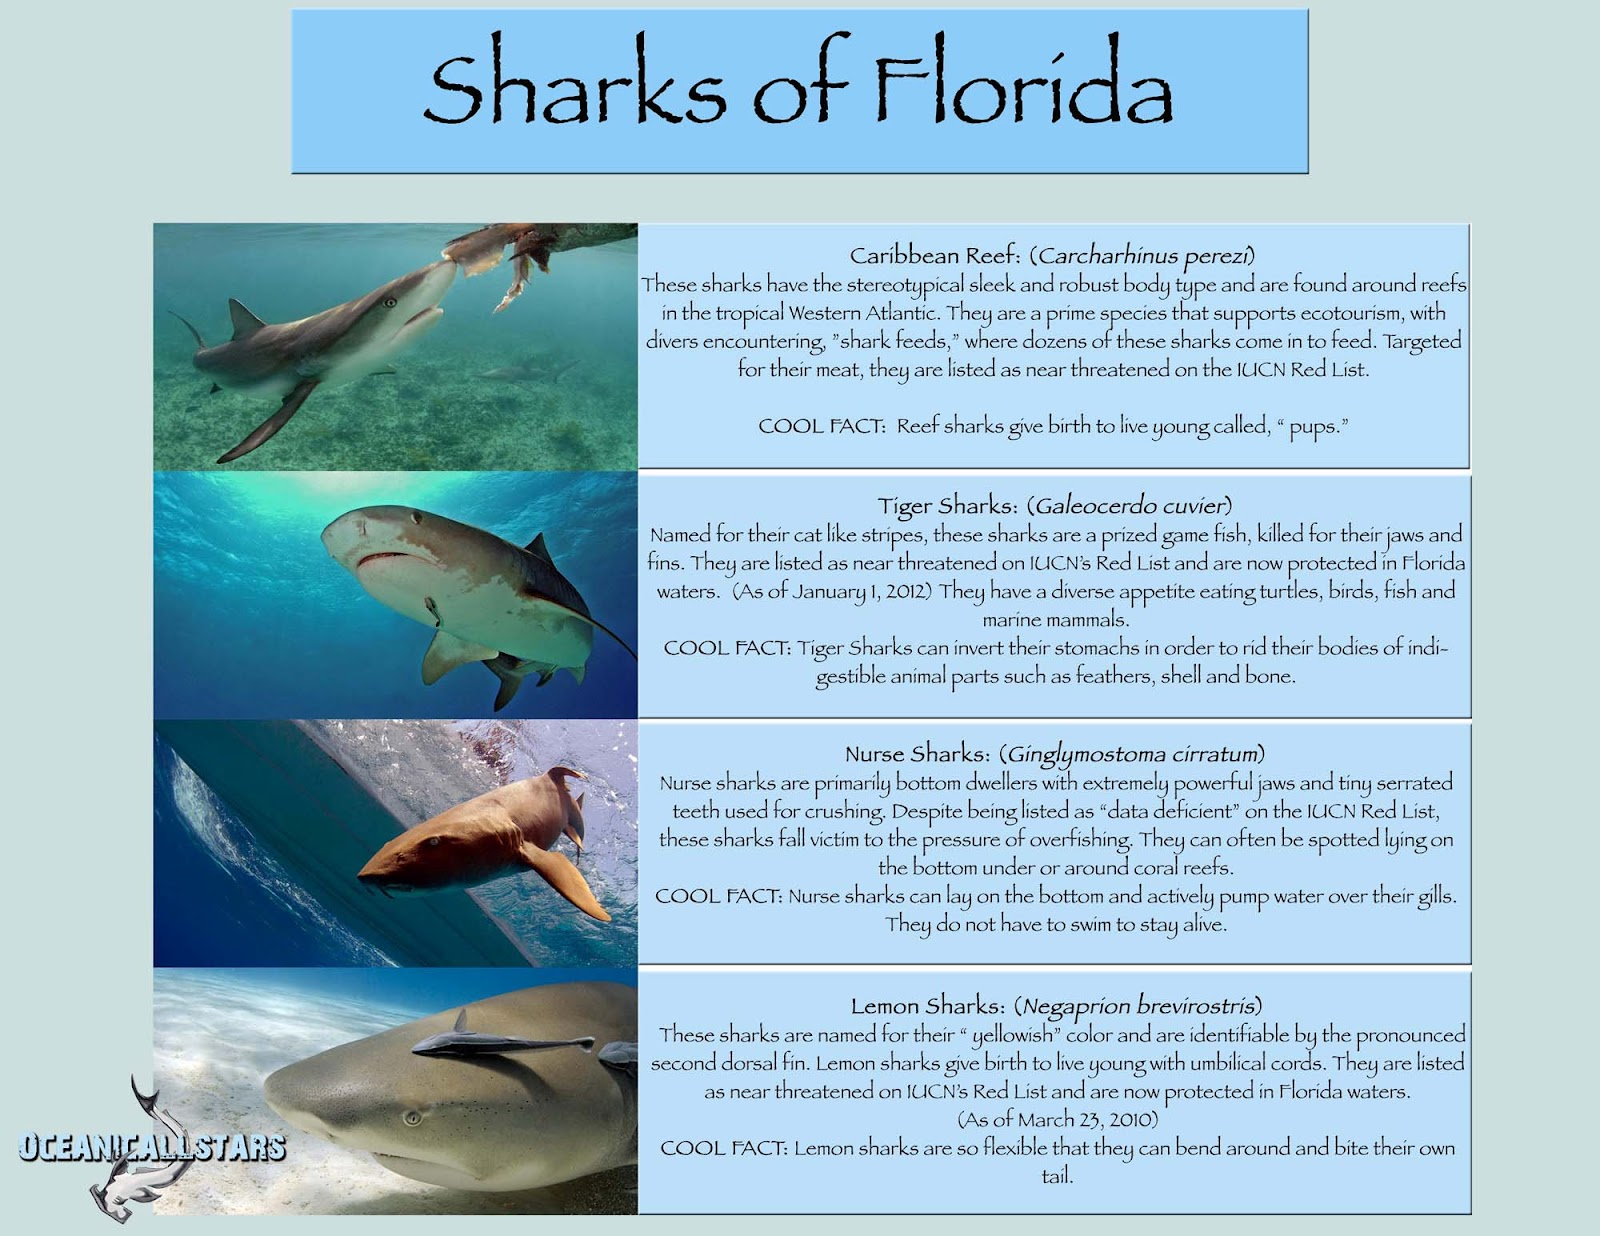 http://2.bp.blogspot.com/-h0y5fPXmlno/T6ALSBrQXII/AAAAAAAAACw/wkKK-a55NJE/s1600/oceanicallstarssharksoffloridasm.jpg